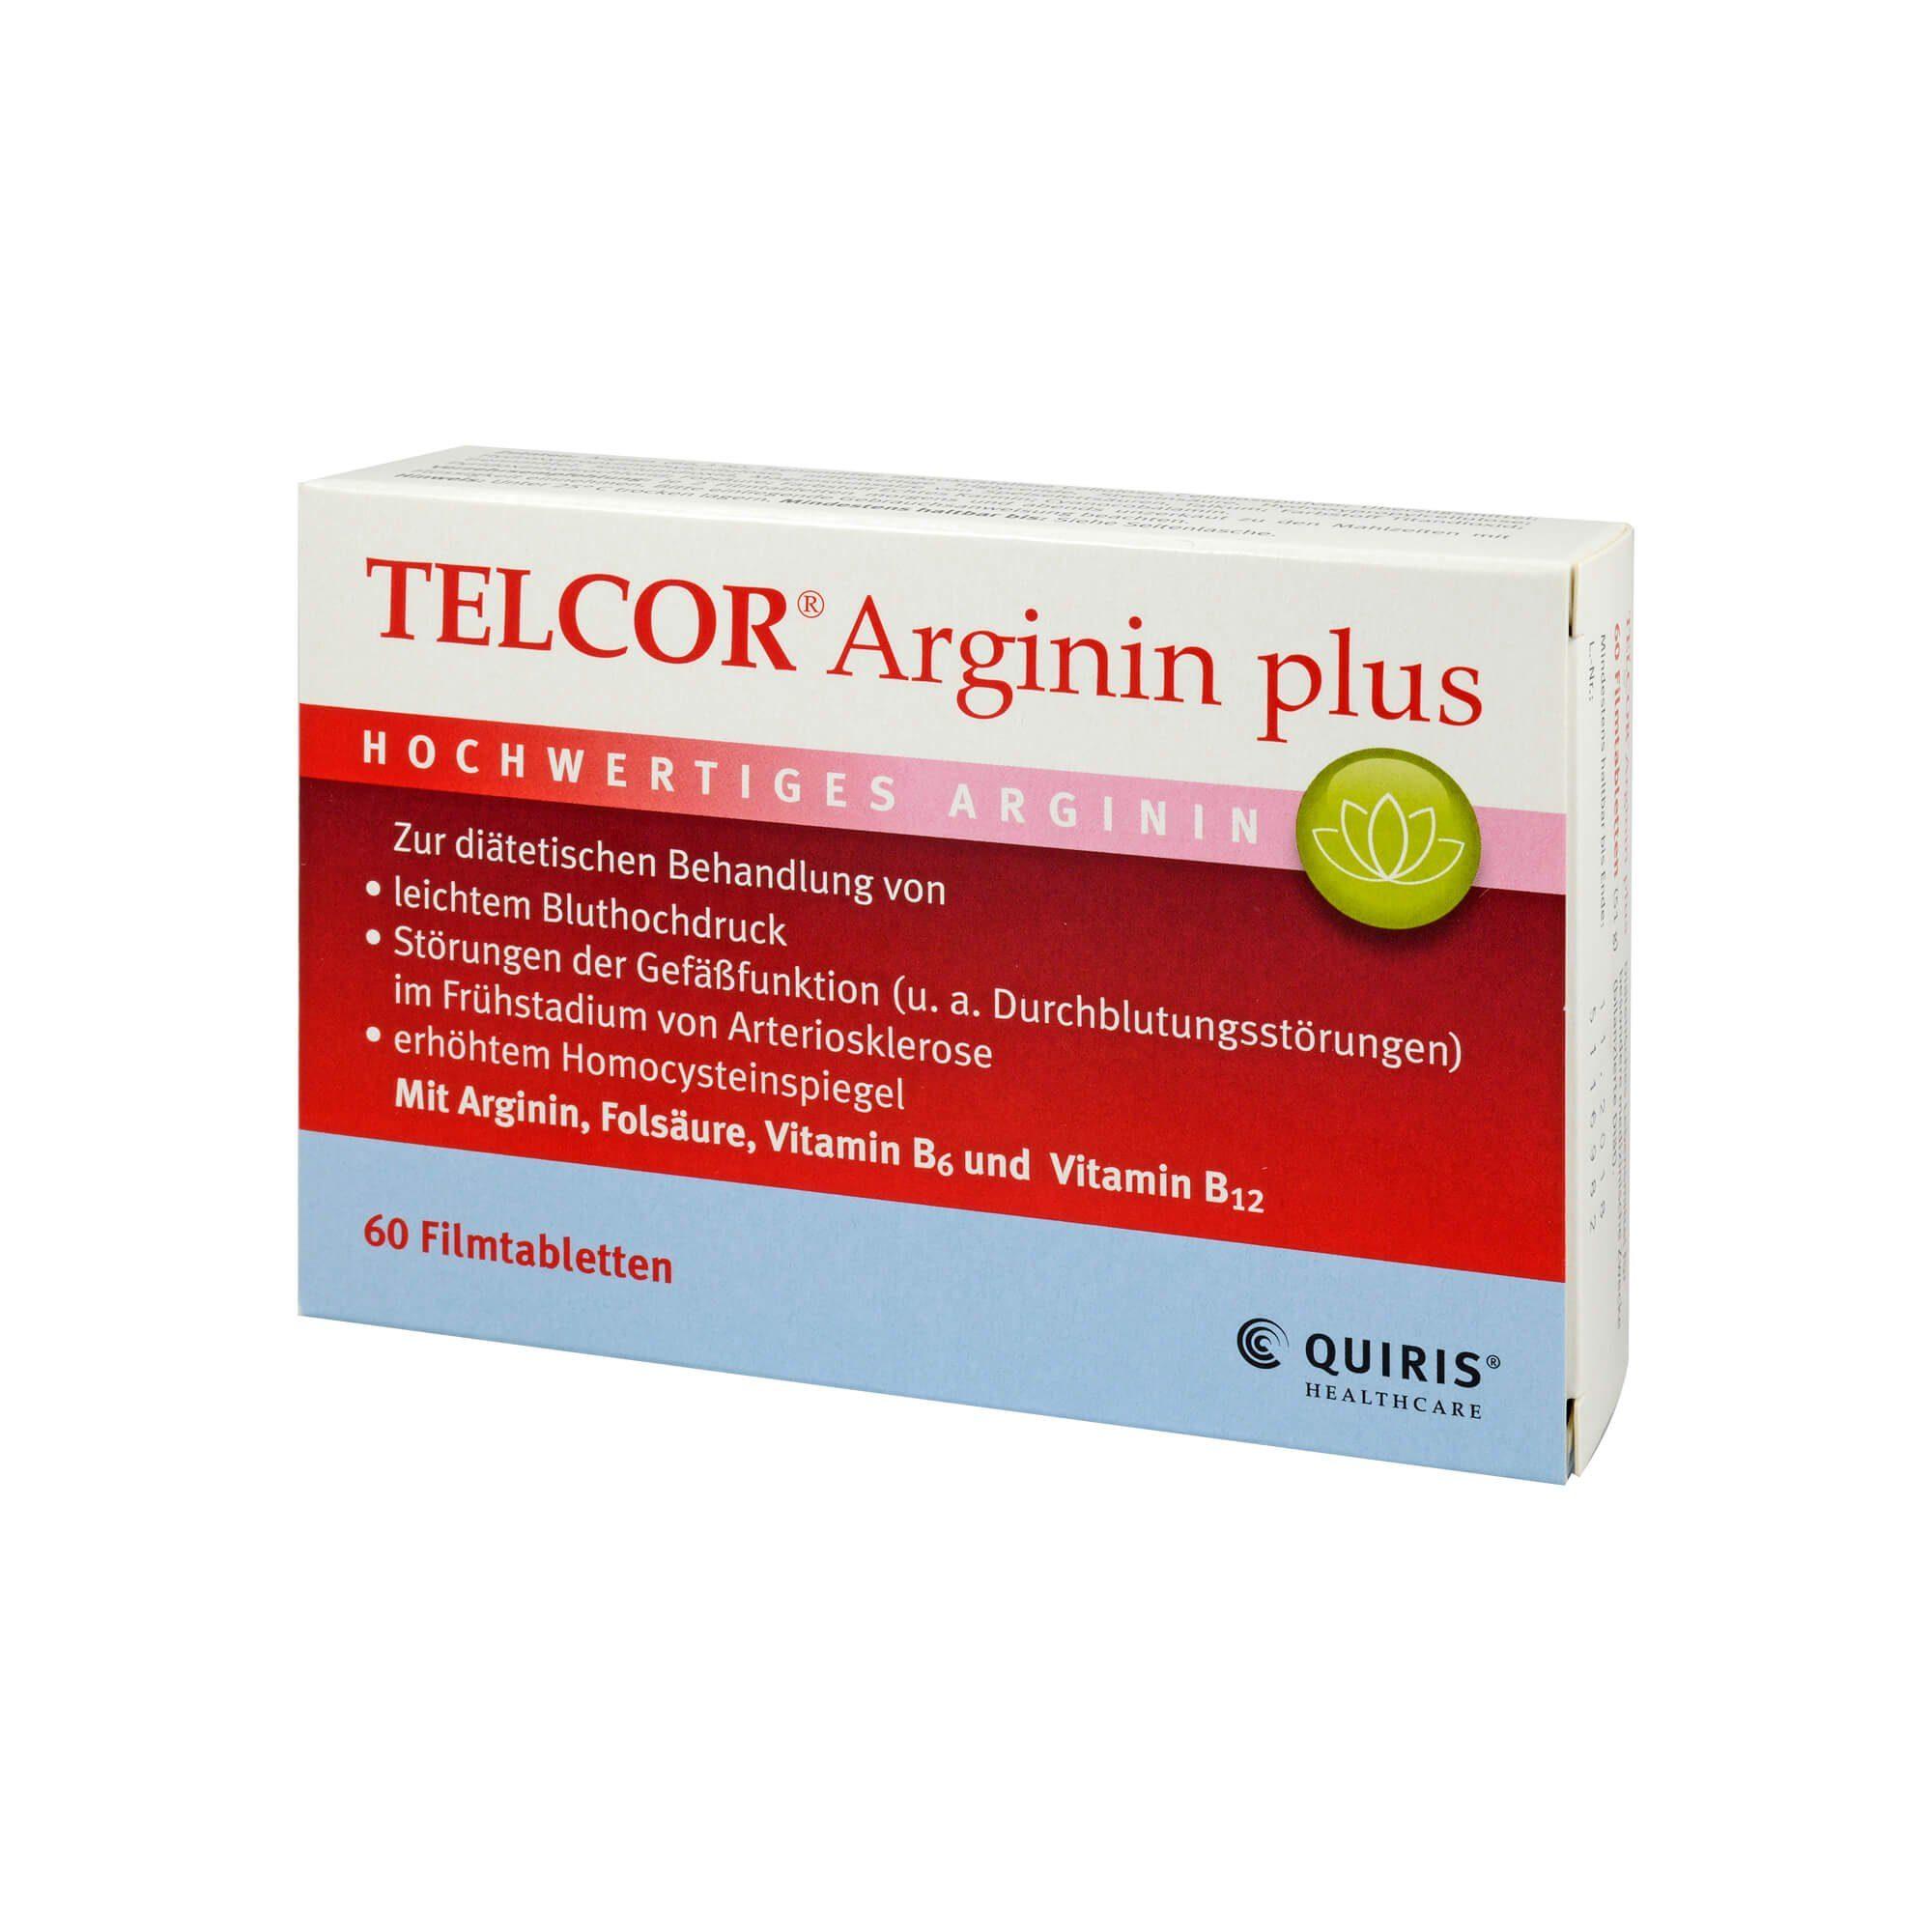 Telcor Arginin plus Filmtabletten, 60 St